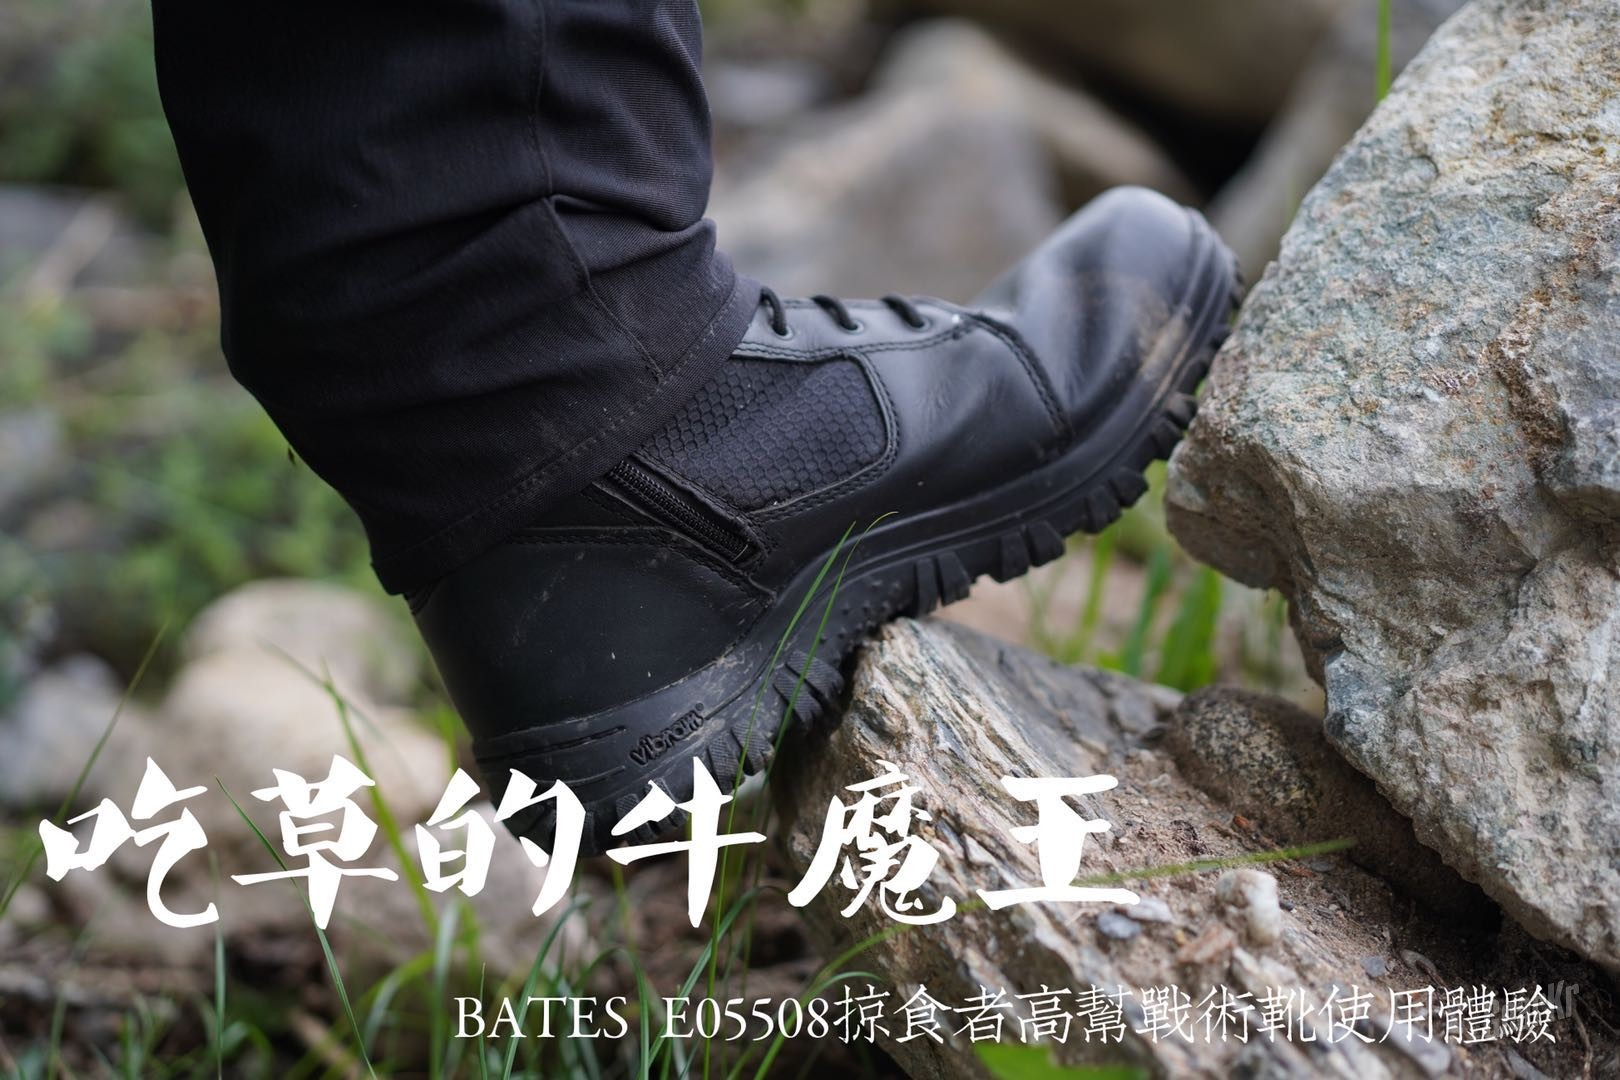 吃草的牛魔王—-BATES E05508掠食者高帮战术靴使用体验